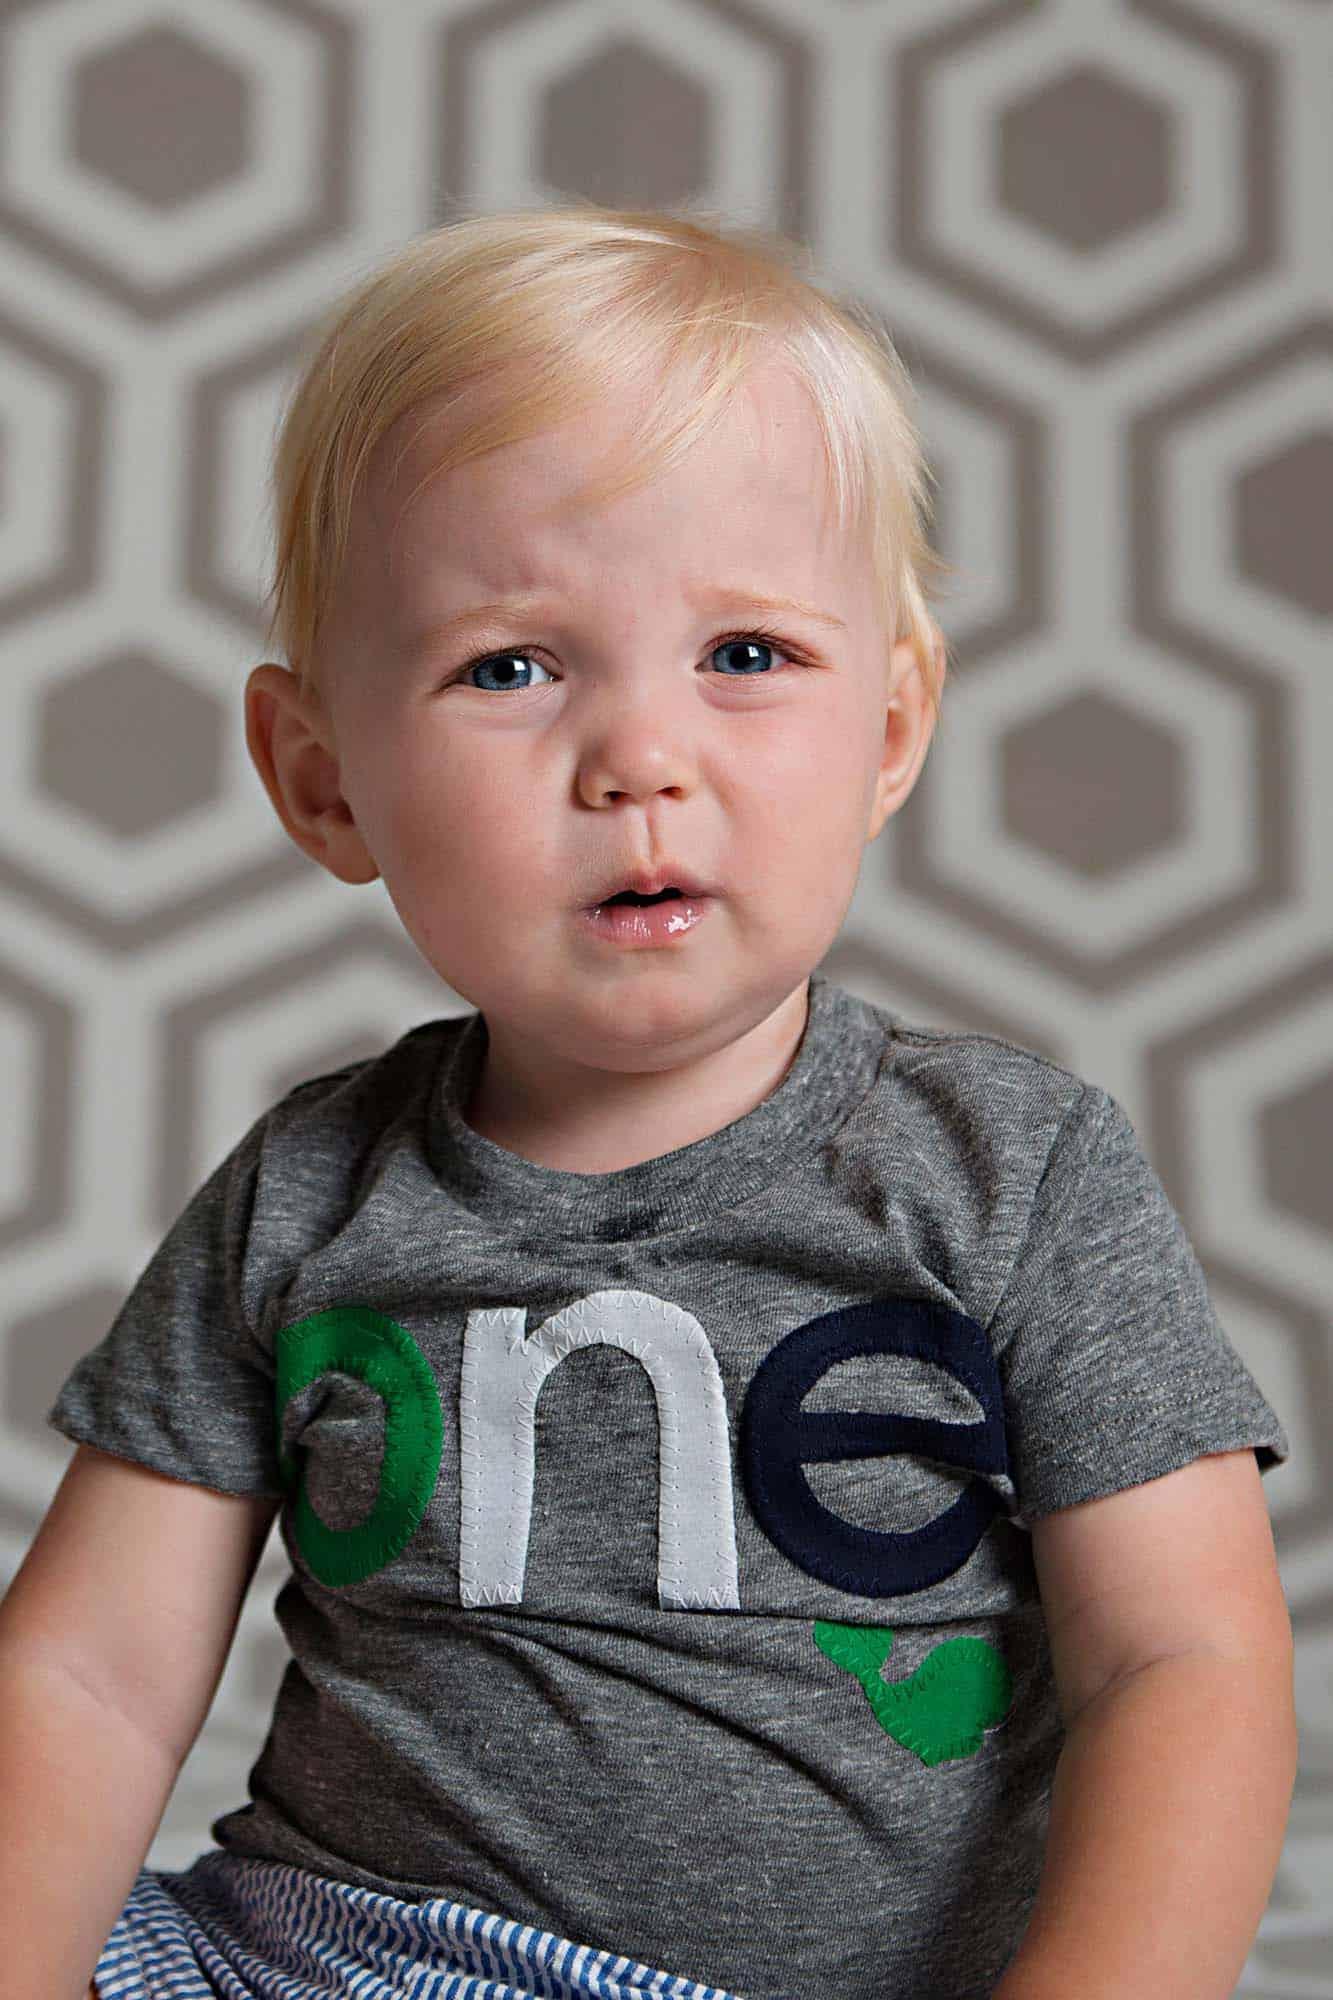 epagaFOTO kansas city documentary photography trending babys first year newborn photoshoot charlieone032